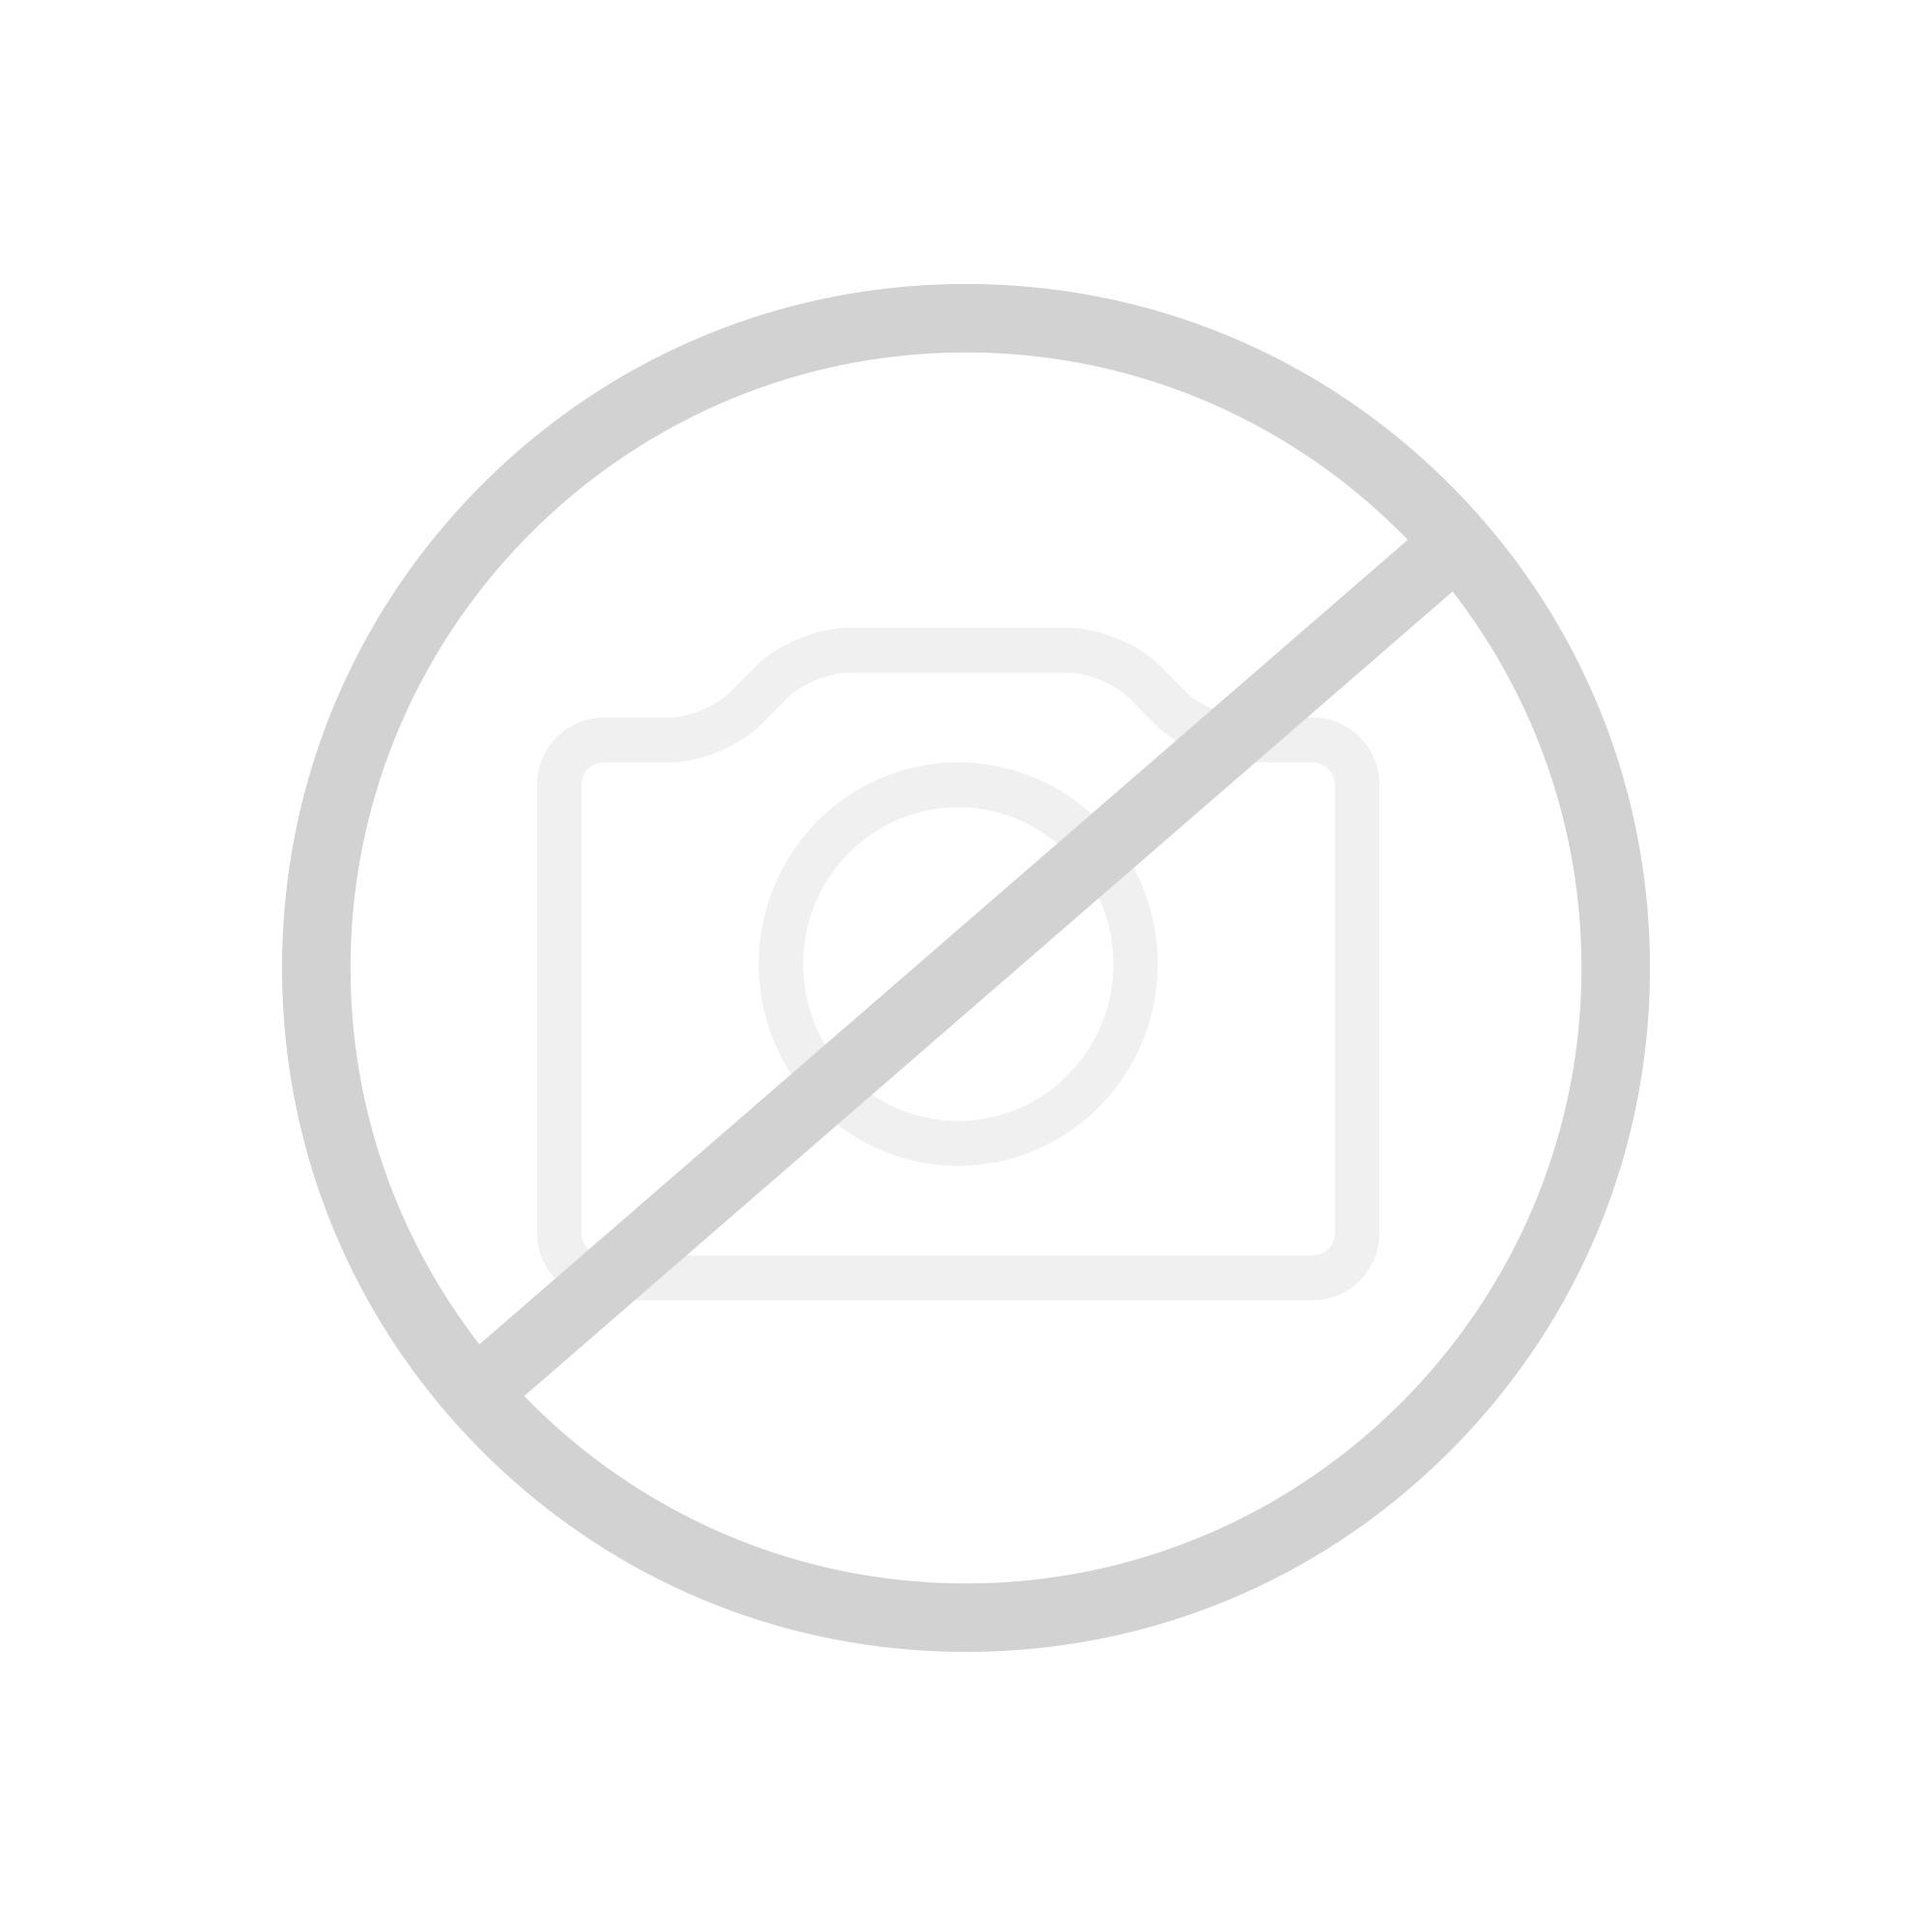 Diesel Metal Glass 1 Tavolo Tischleuchte mit Dimmer